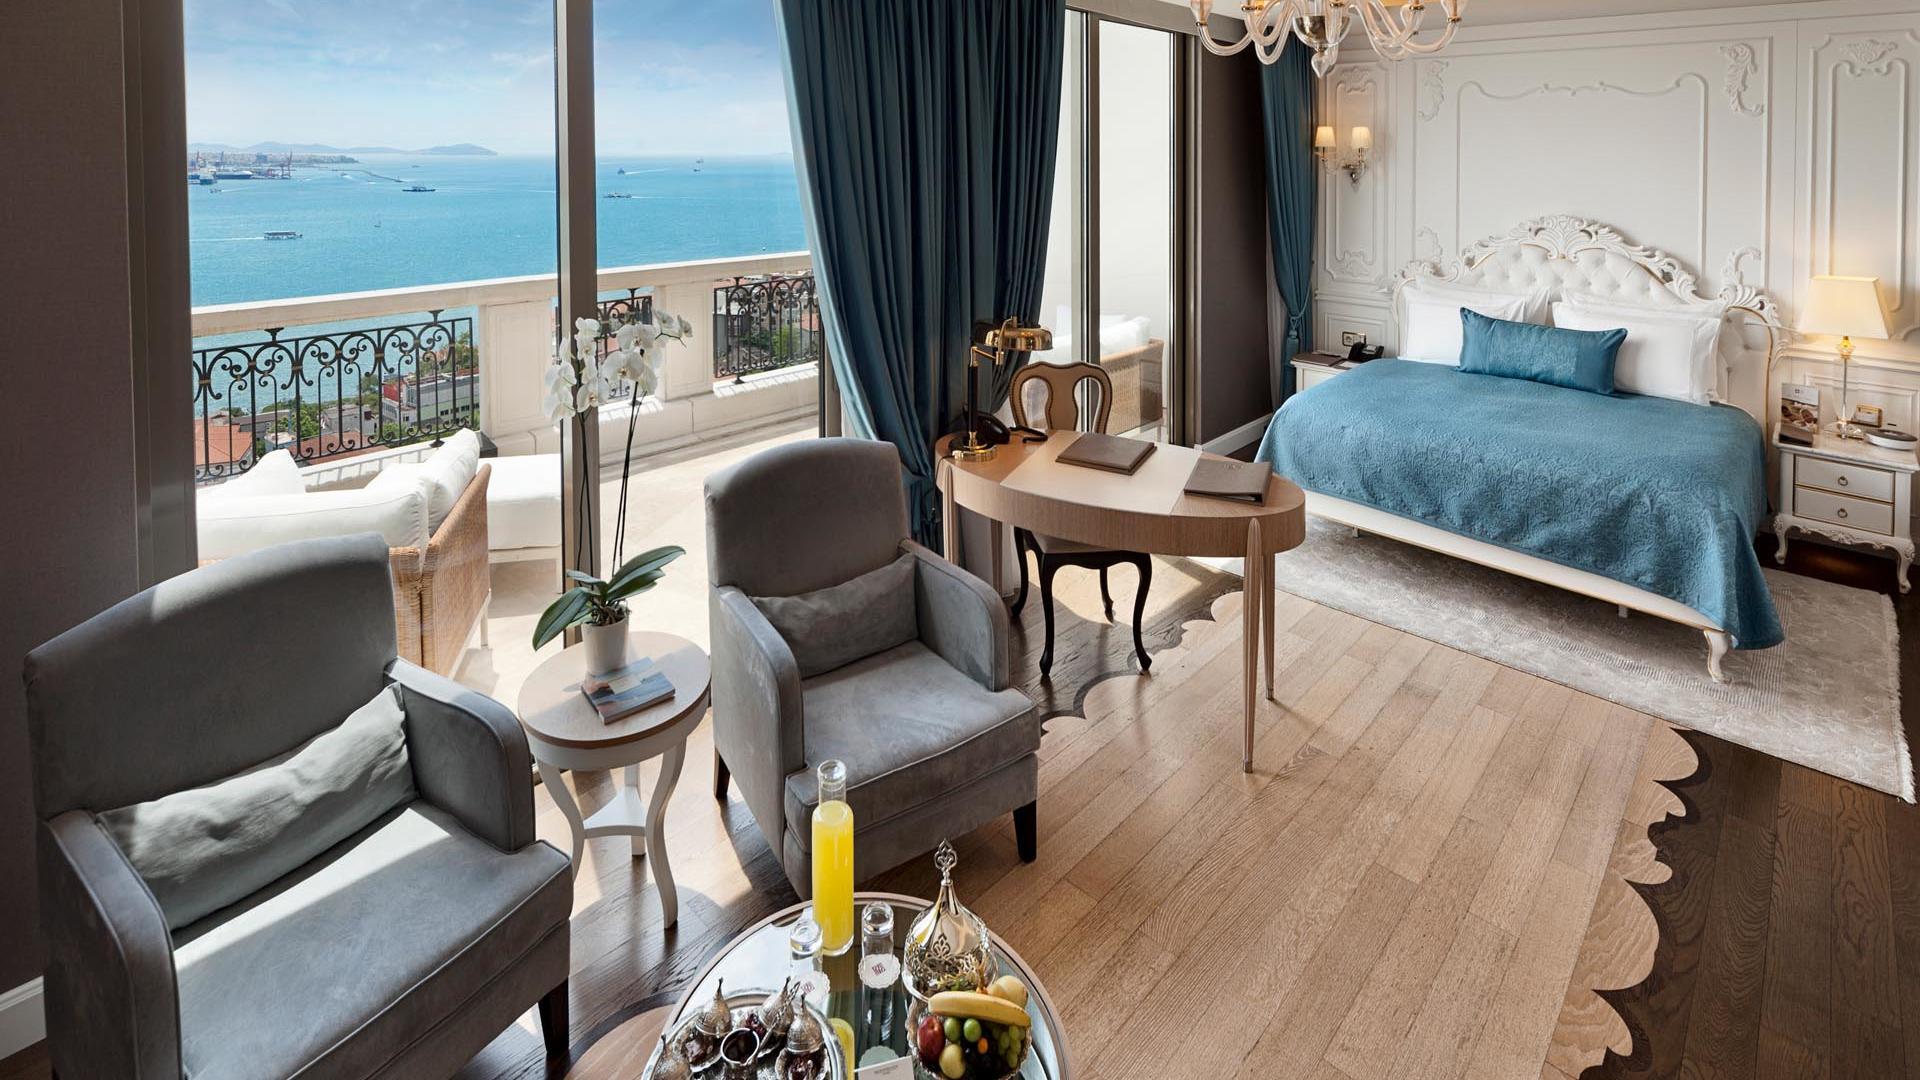 Terrace Suite view